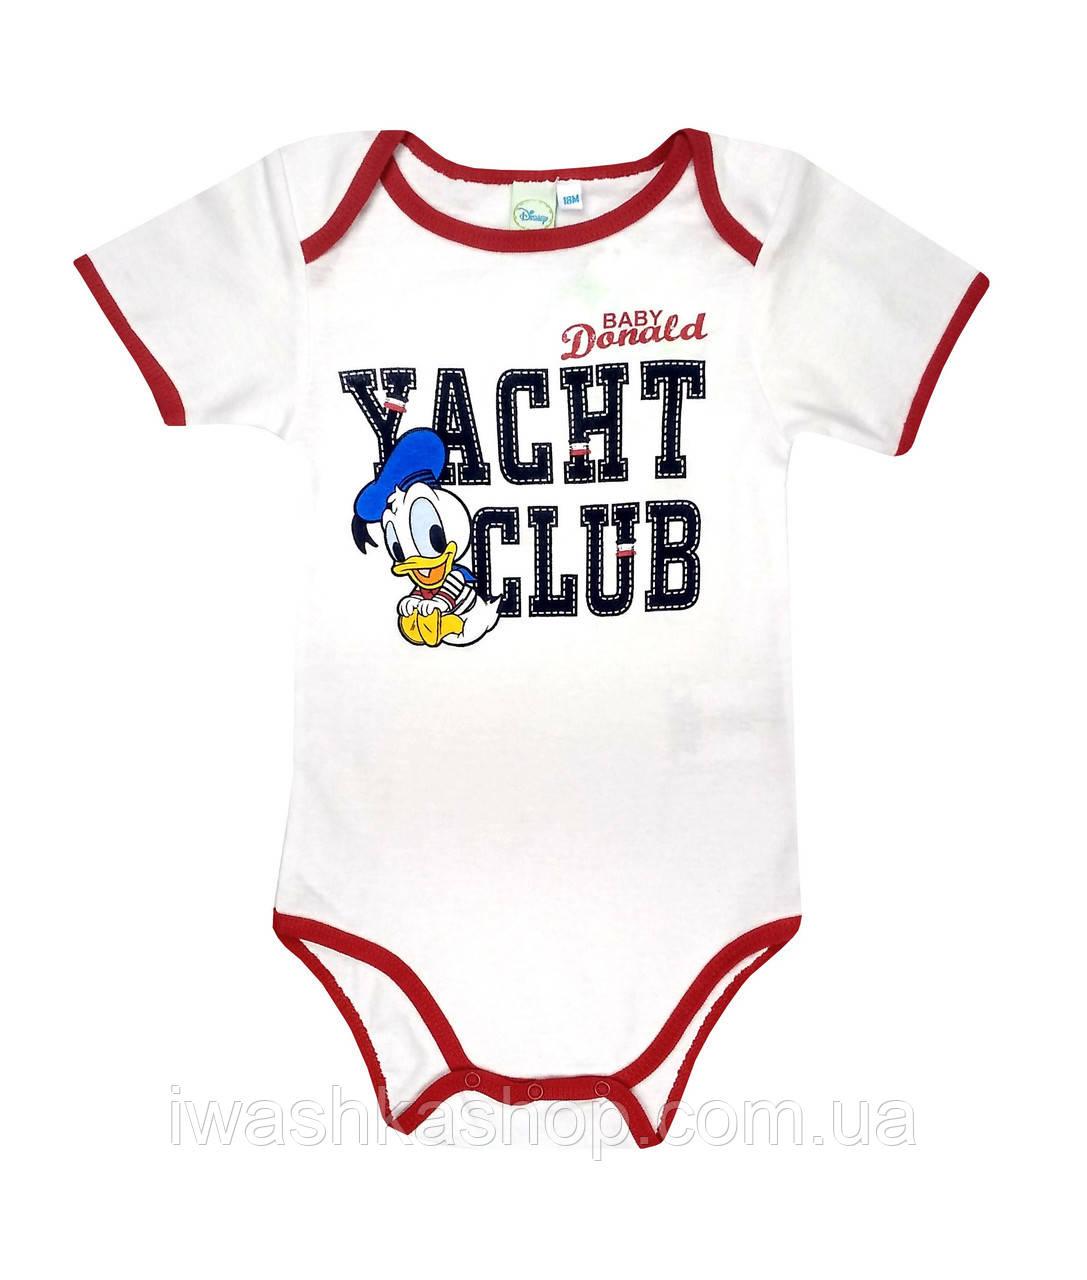 Стильное белое боди с коротким рукавом, с принтом Доналда Дака (Donald Duck) на мальчика 3 лет, Disney